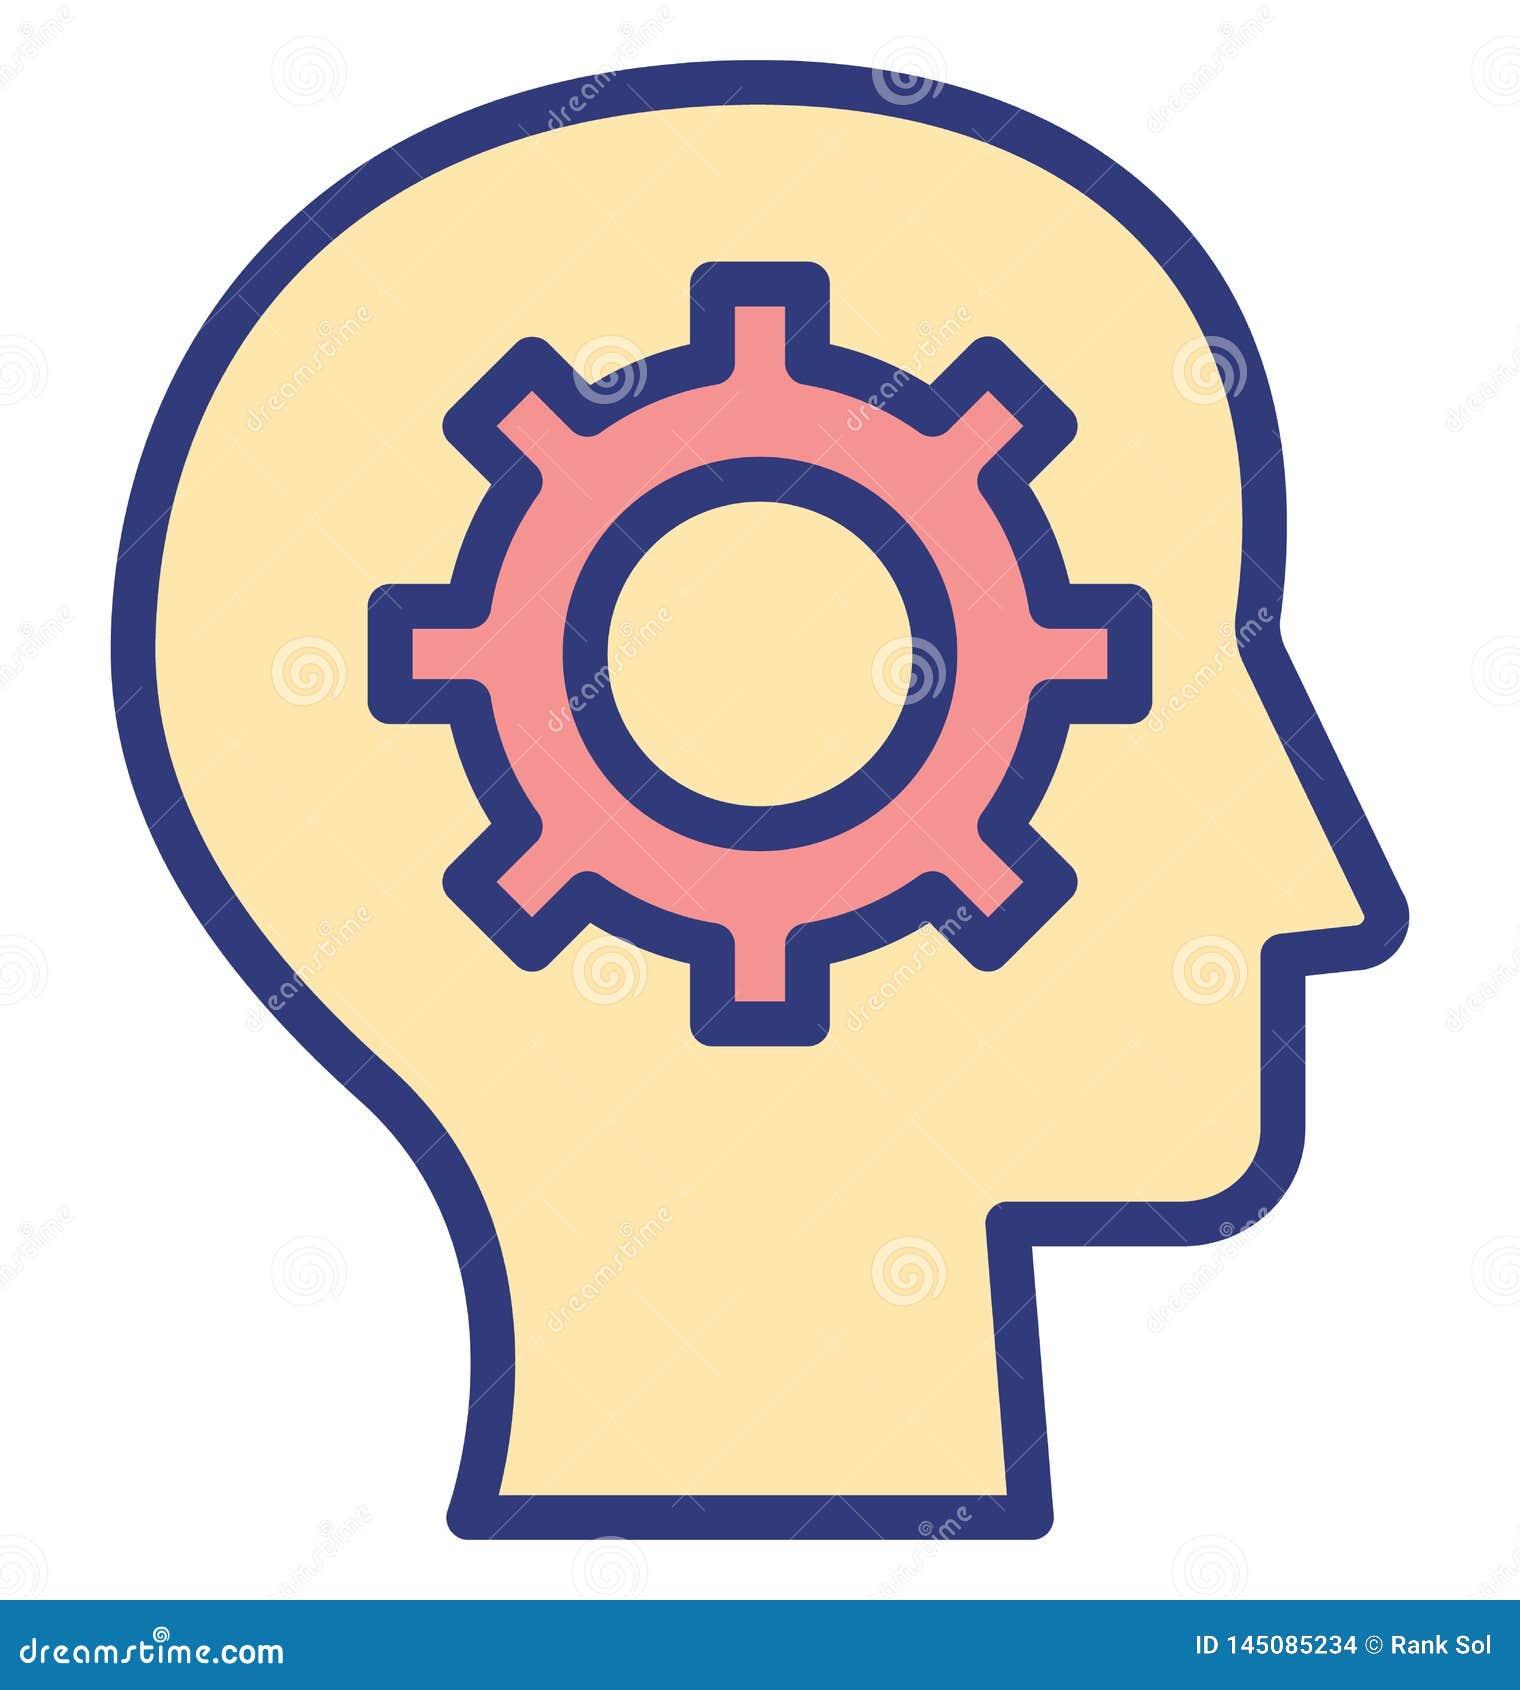 La confusión del documento aisló el icono del vector que puede modificarse o corregir fácilmente